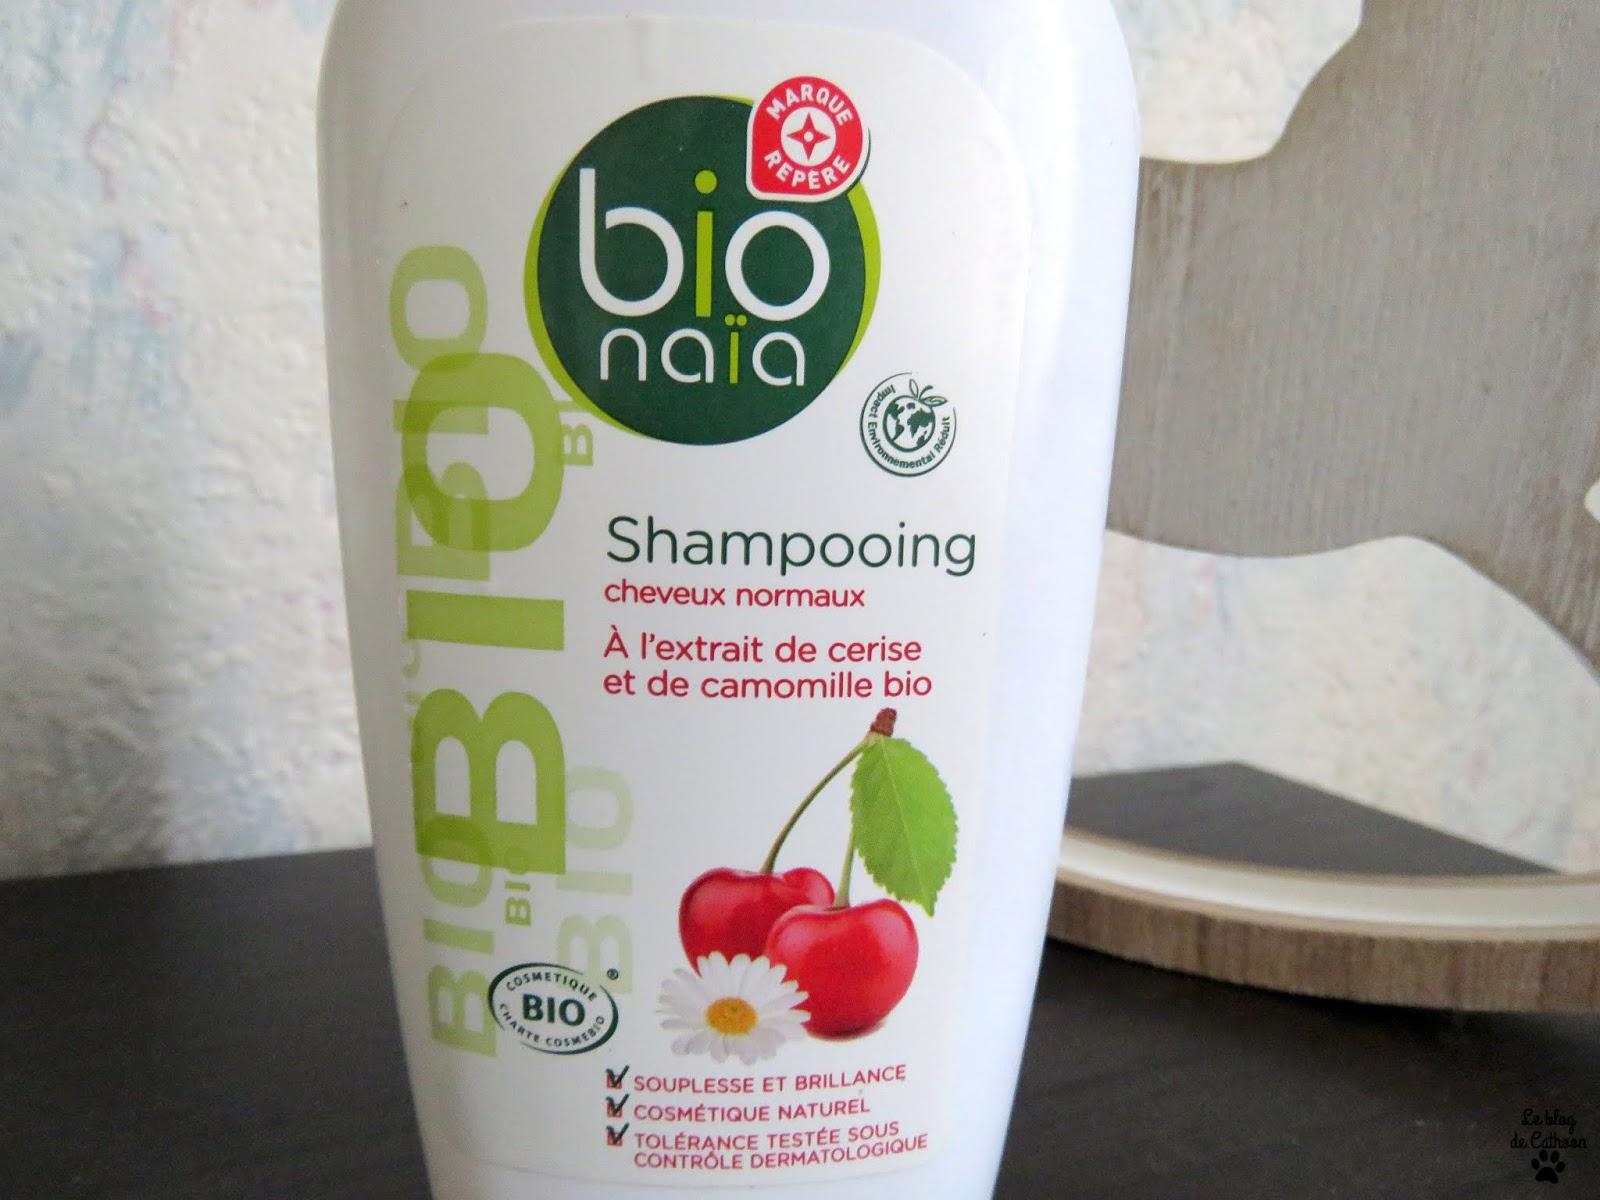 Shampoing Cheveux Normaux - Cerise et Camomille Bio - Bio Naïa (Leclerc)